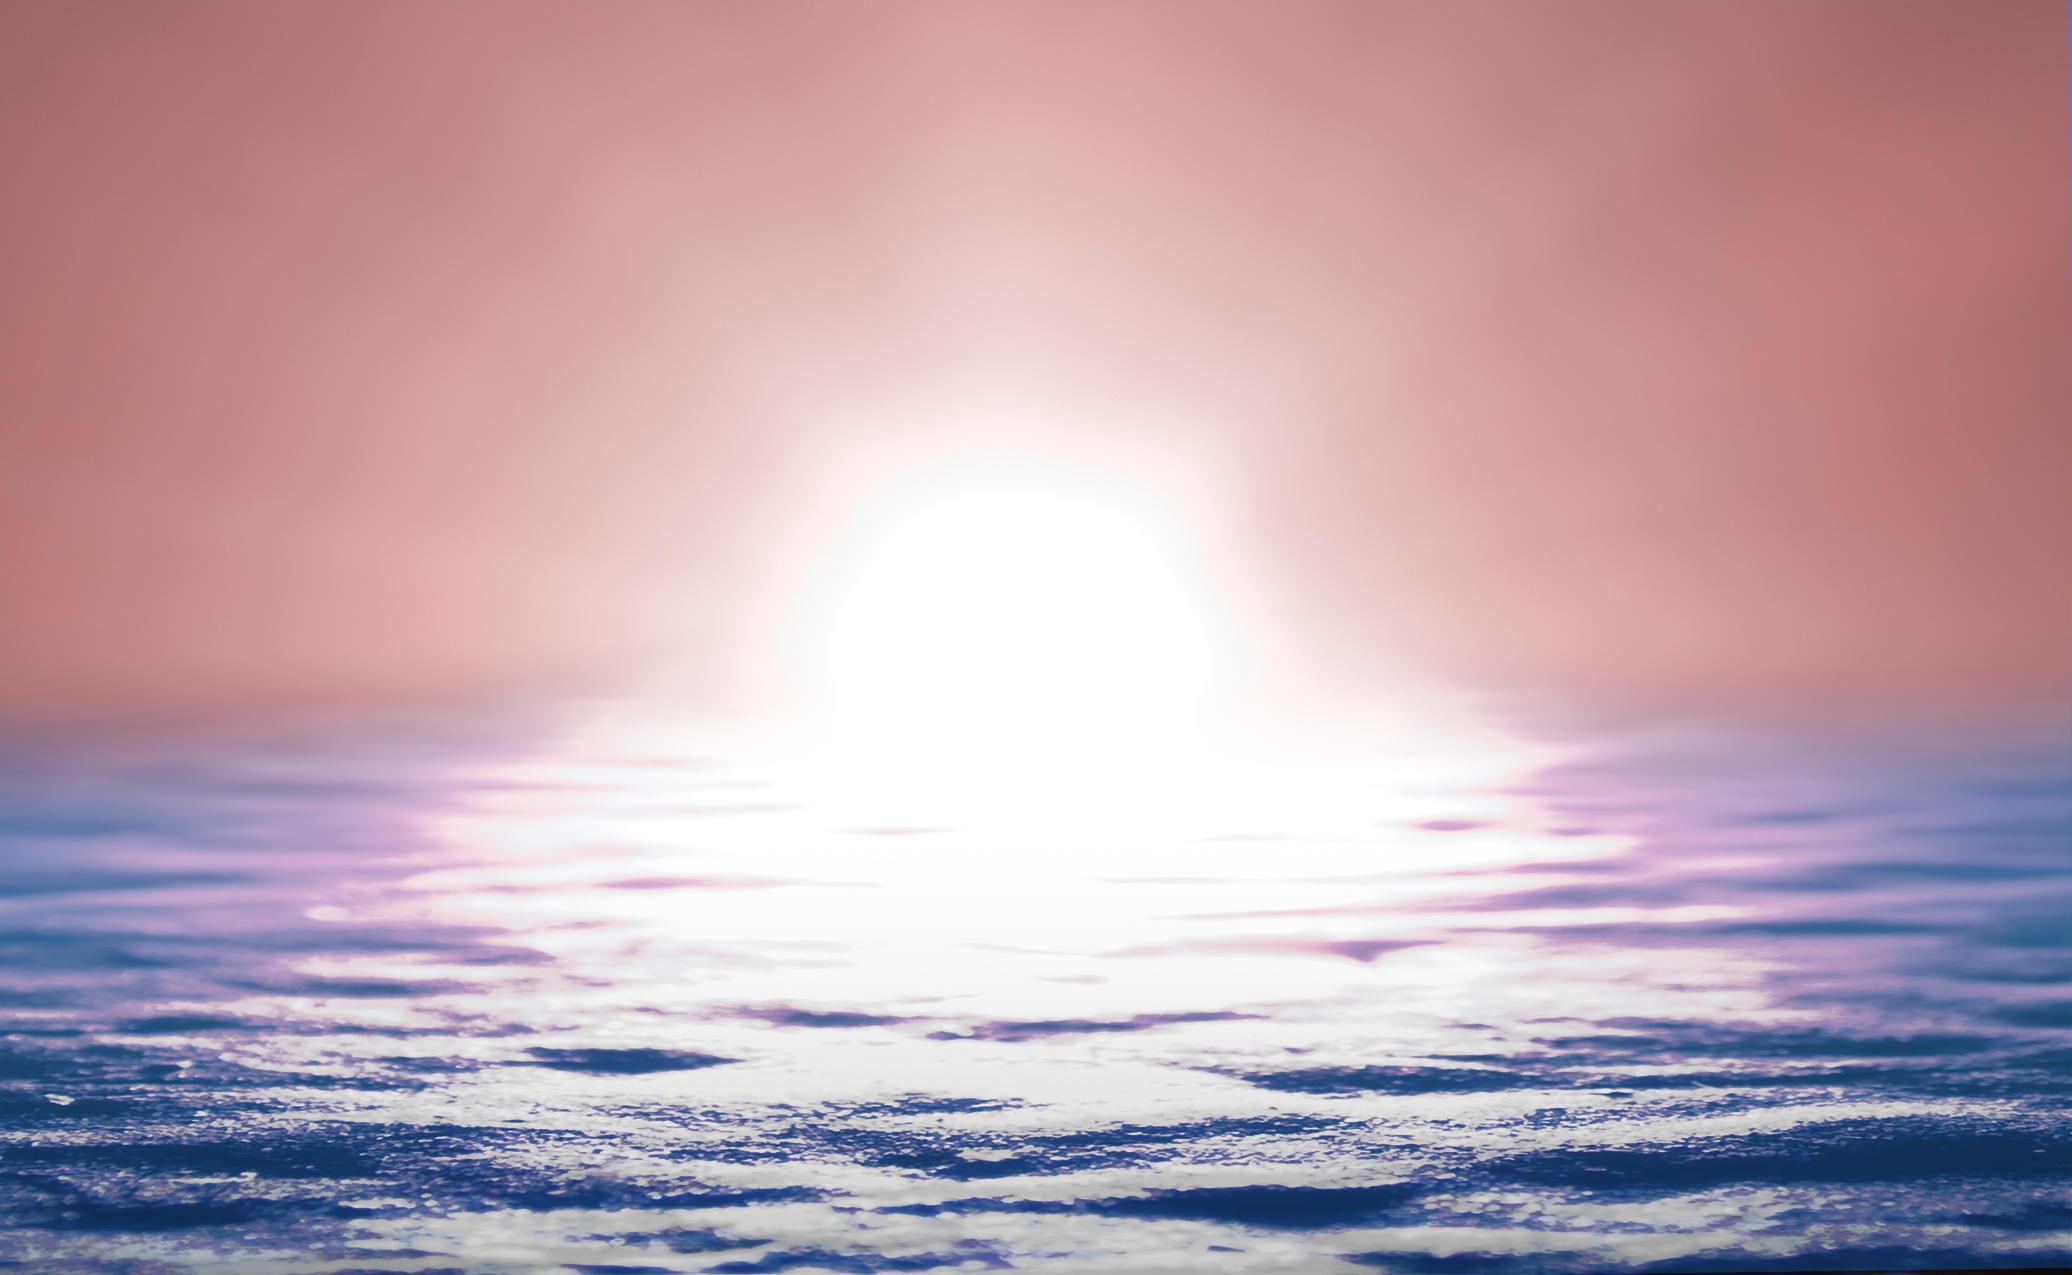 Light Splash by dylan-S